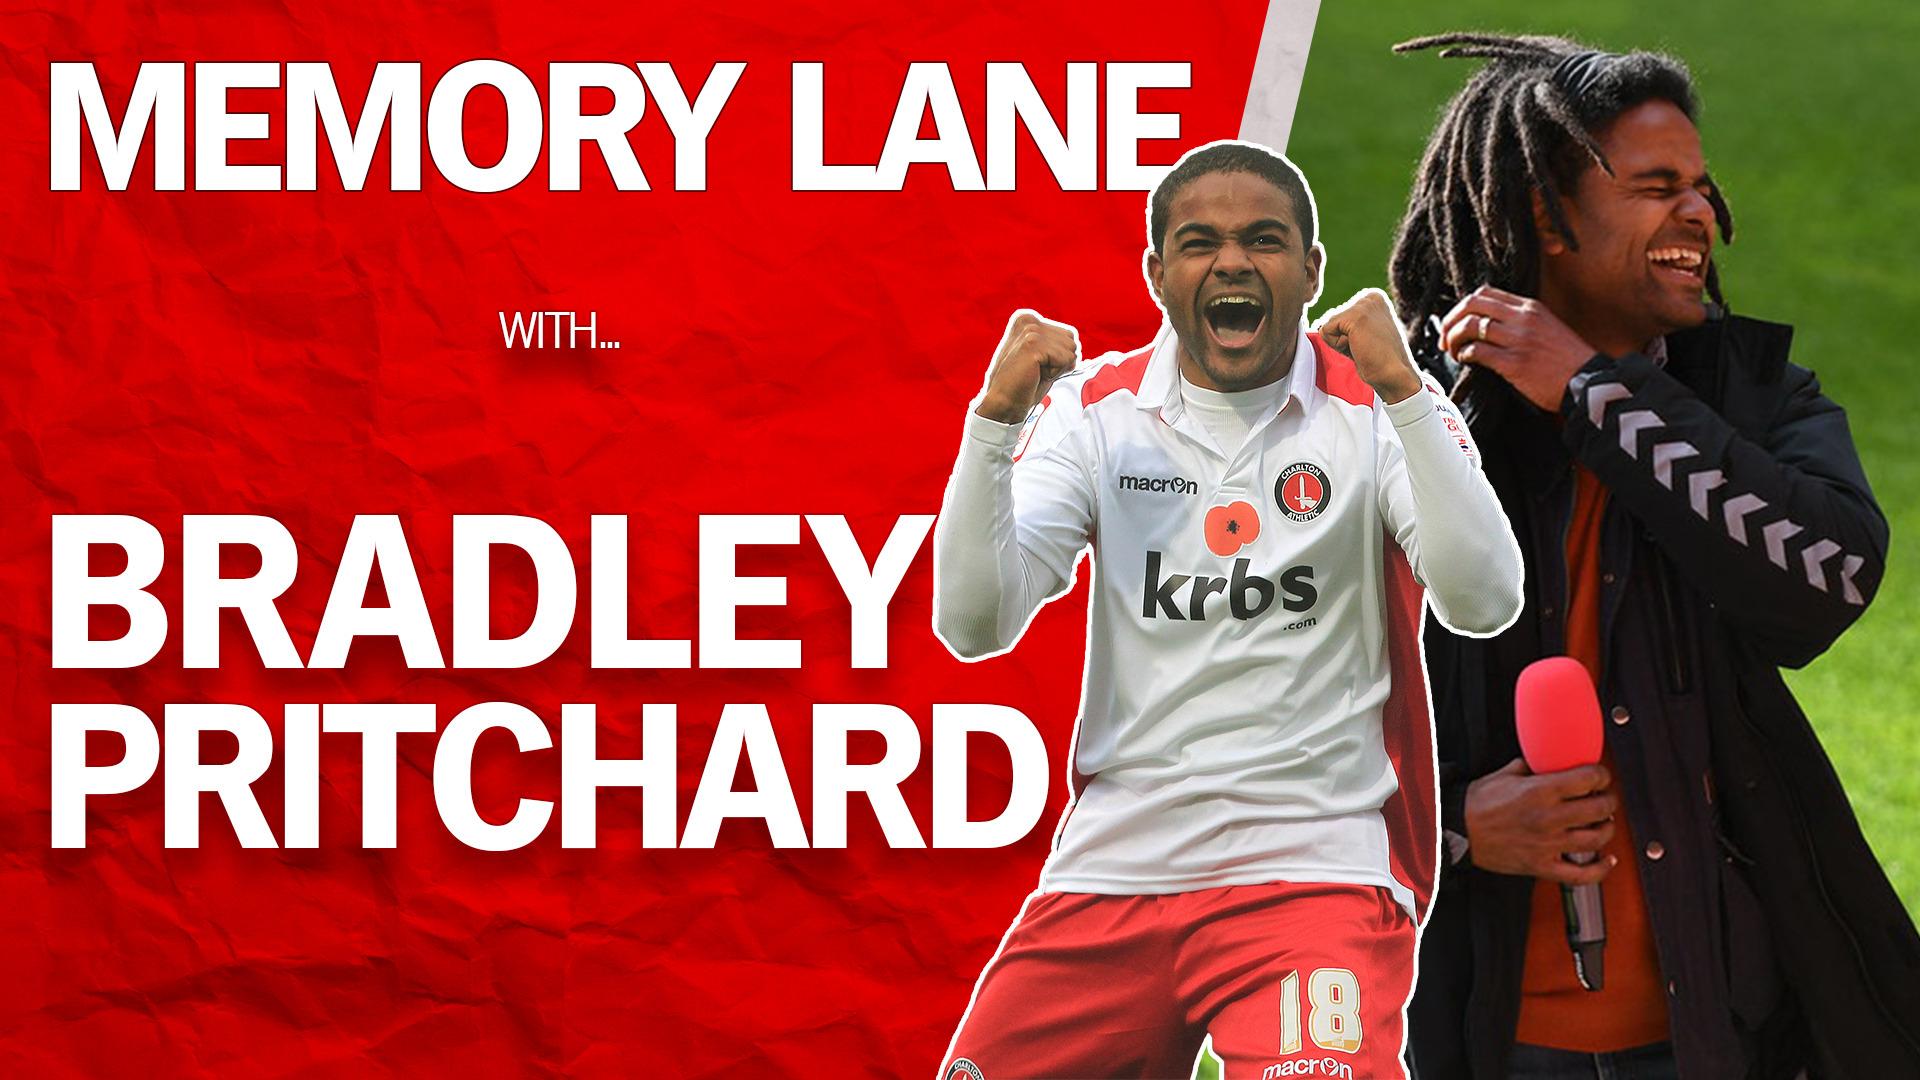 MEMORY LANE | Bradley Pritchard (May 2021)